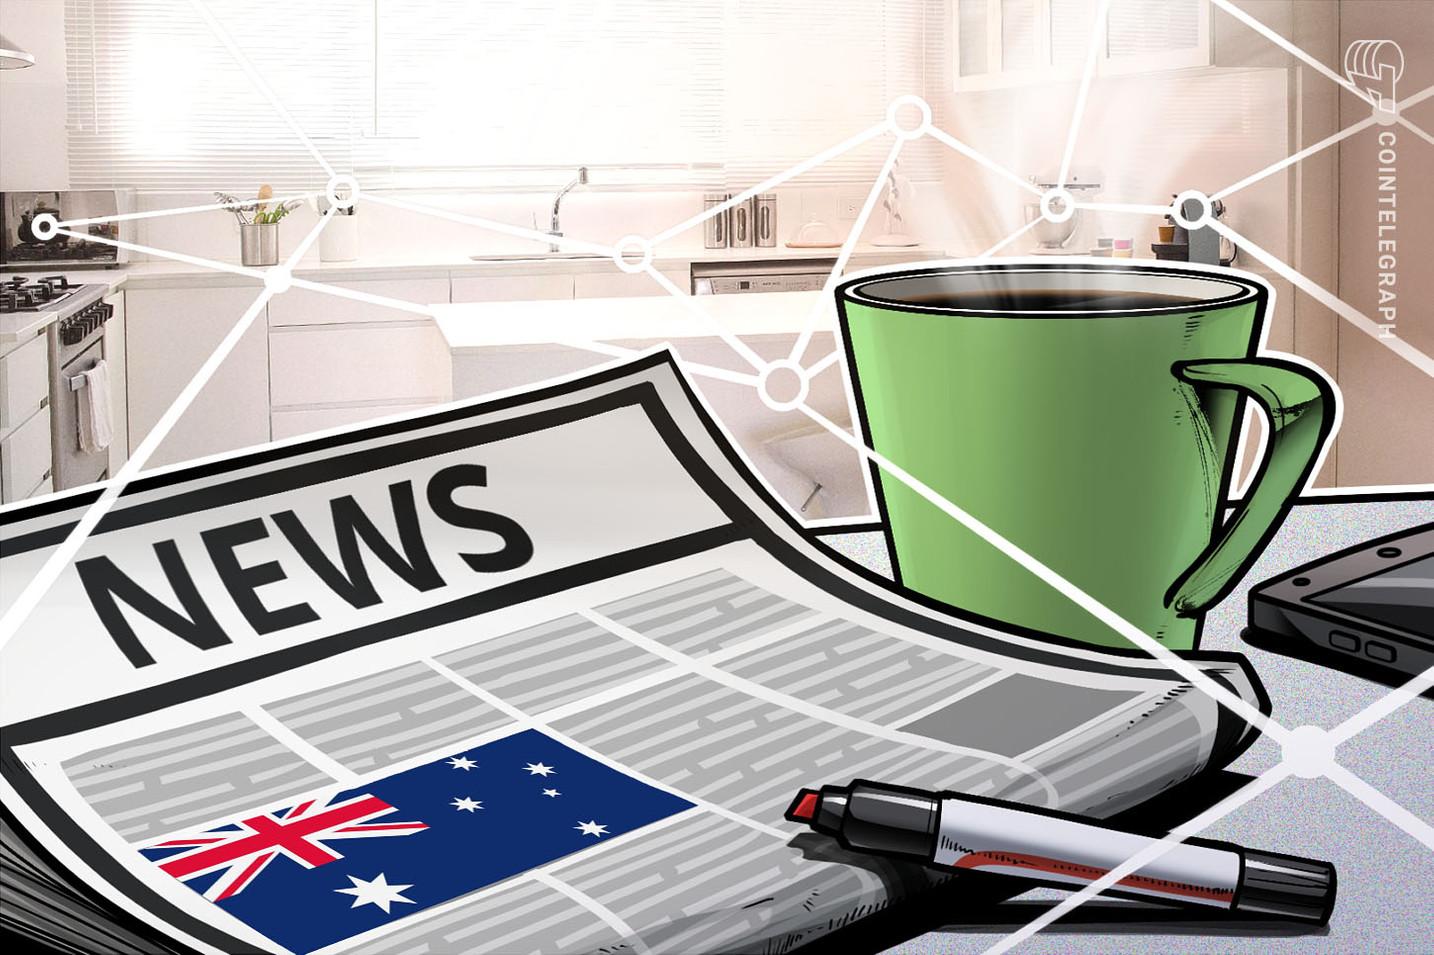 Instituto apoiado pelo governo da Nova Zelândia emite subsídio para carteira de cripto e serviço de negociação